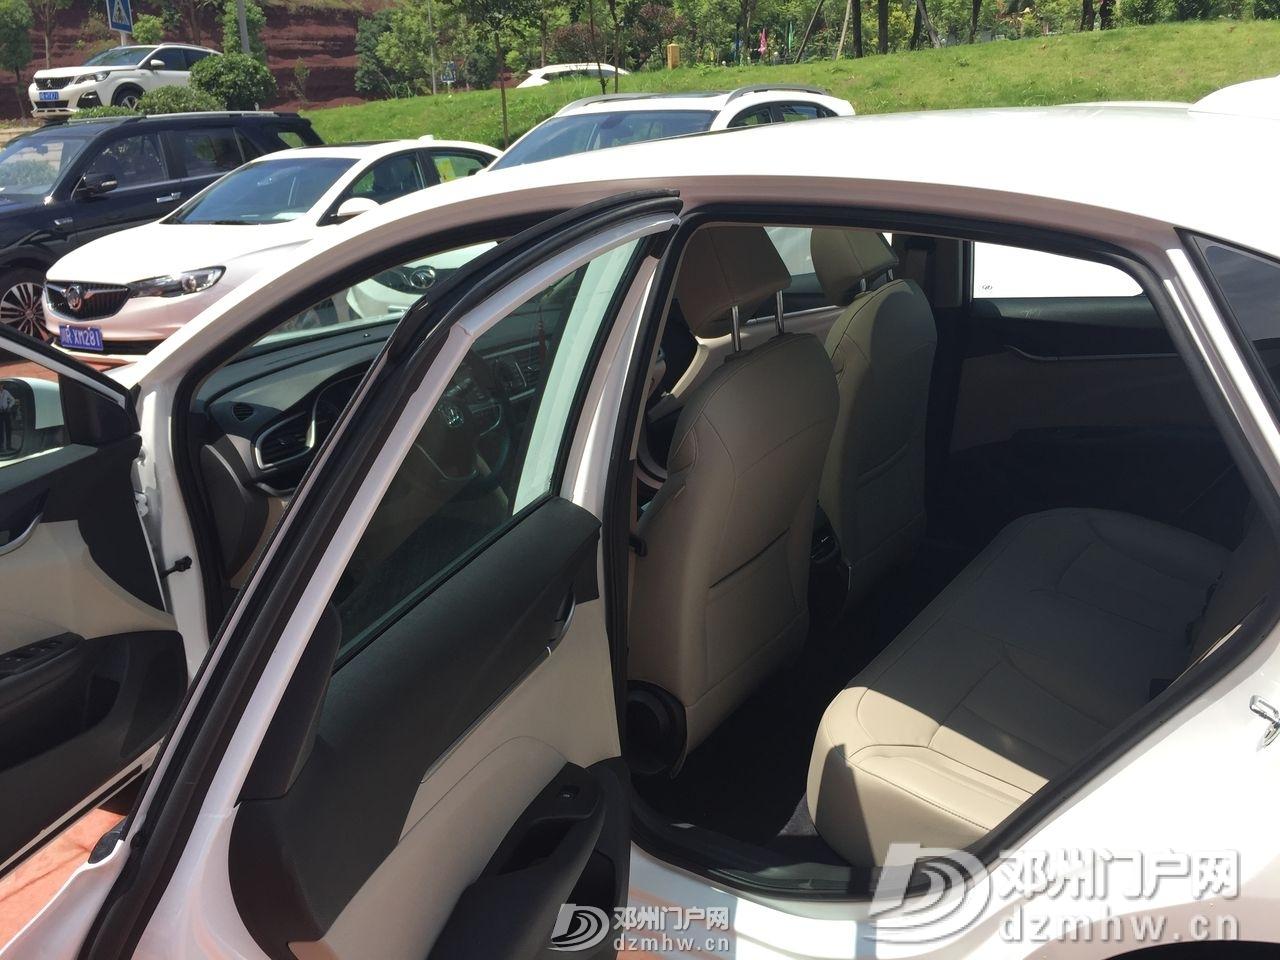 分期购车  一成首付 - 邓州门户网|邓州网 - 6.jpg